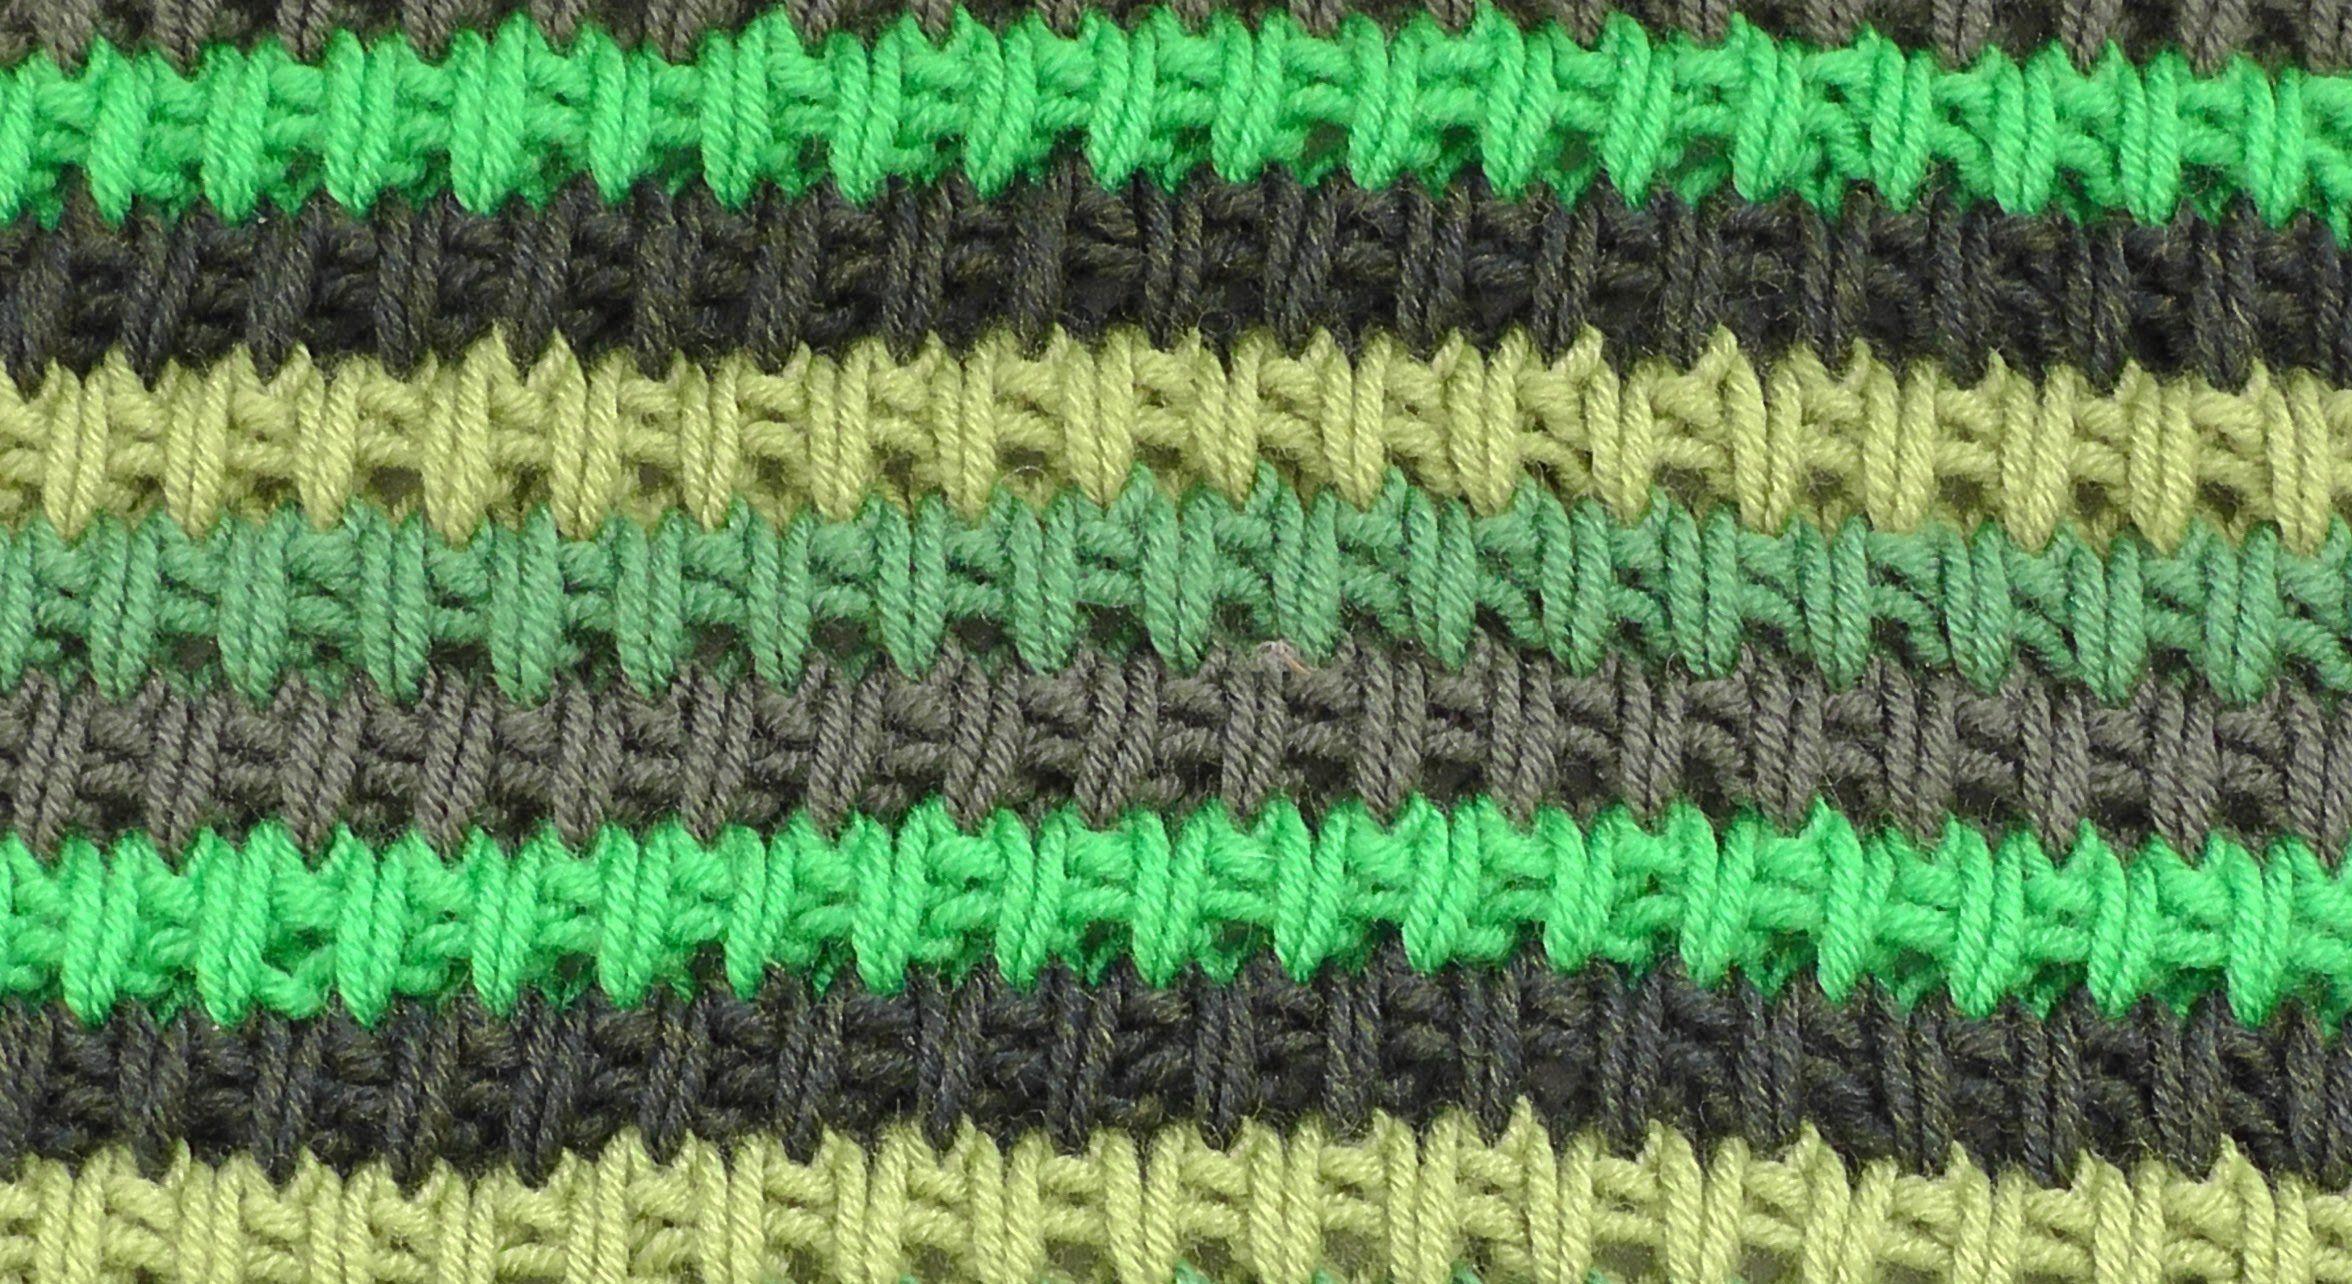 İki Renkli Kafes Örgü Modeli Yapılışı